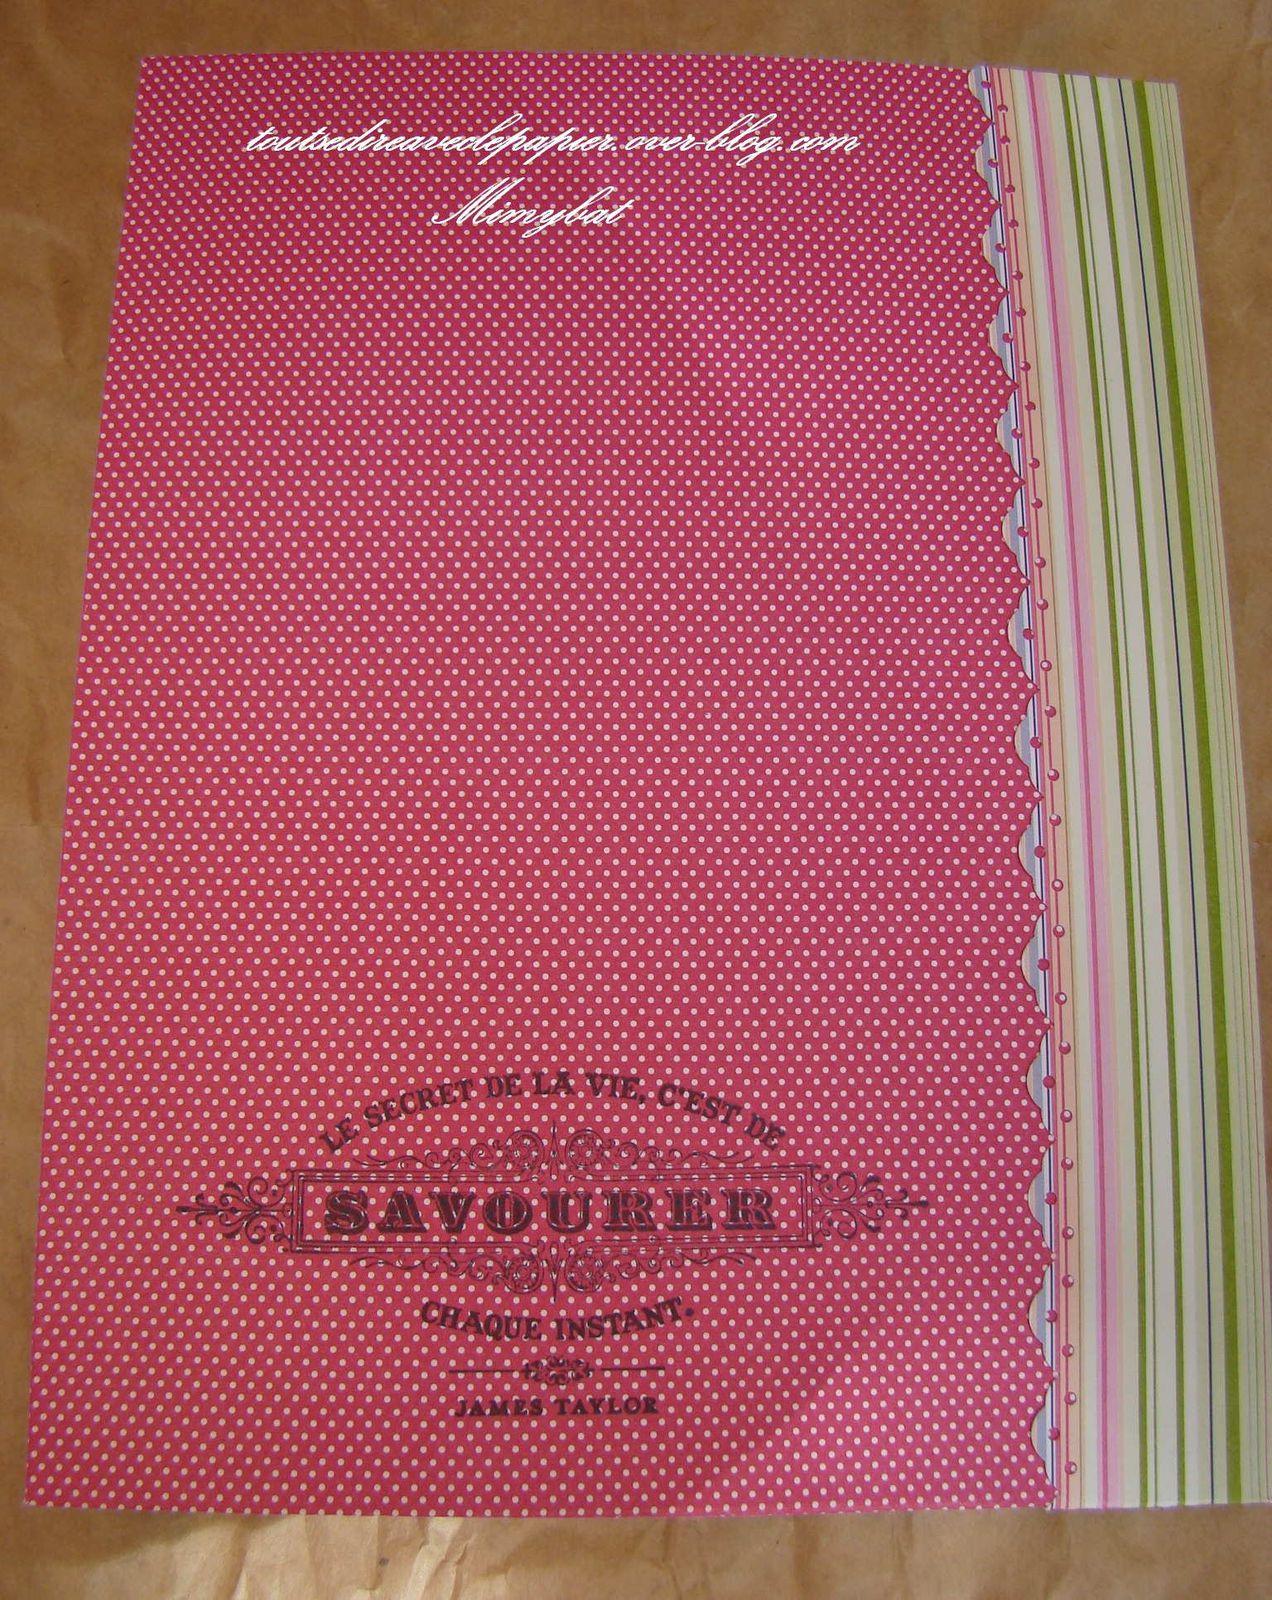 Encore des cahiers recouverts pour offrir...